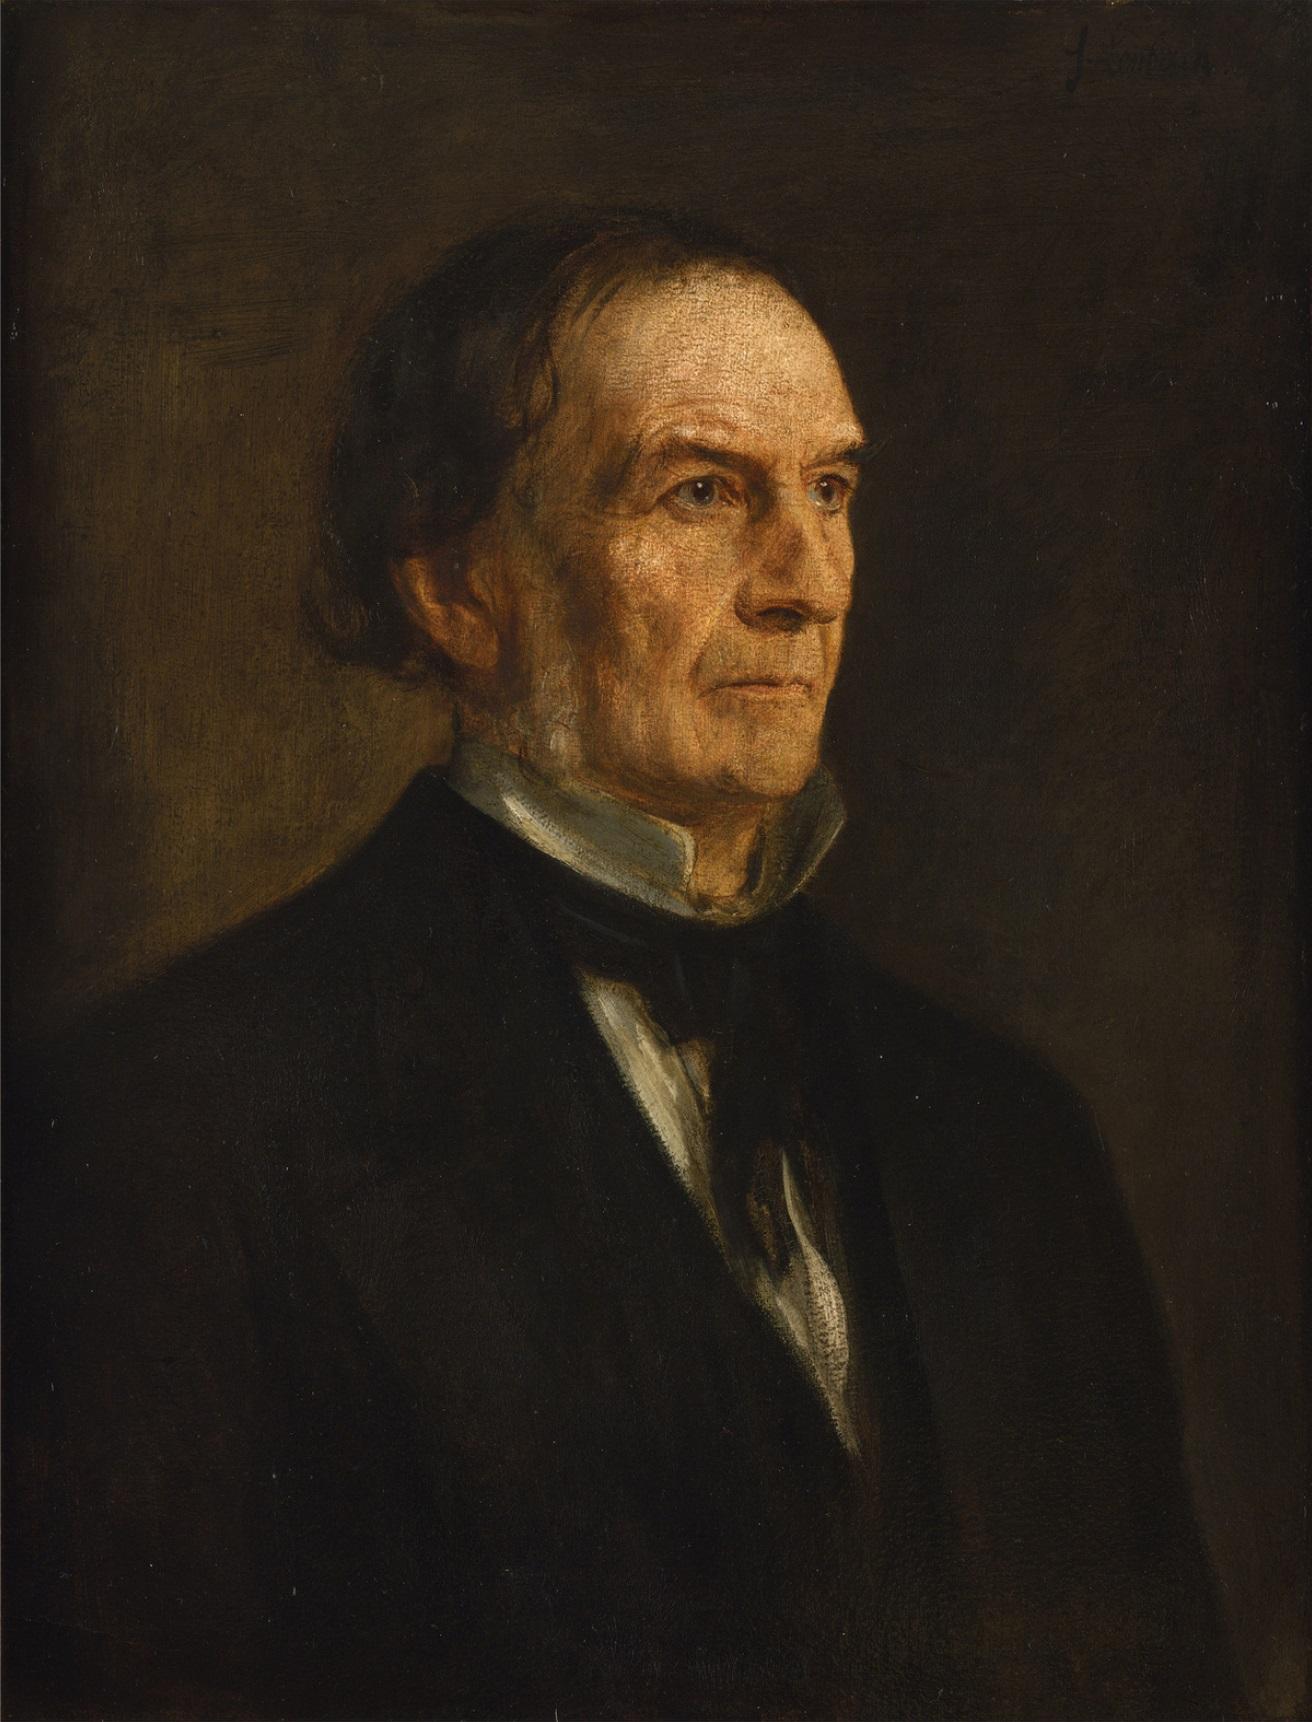 Filefranz von lenbach portrait of william ewart gladstone 1874 filefranz von lenbach portrait of william ewart gladstone 1874g sciox Choice Image